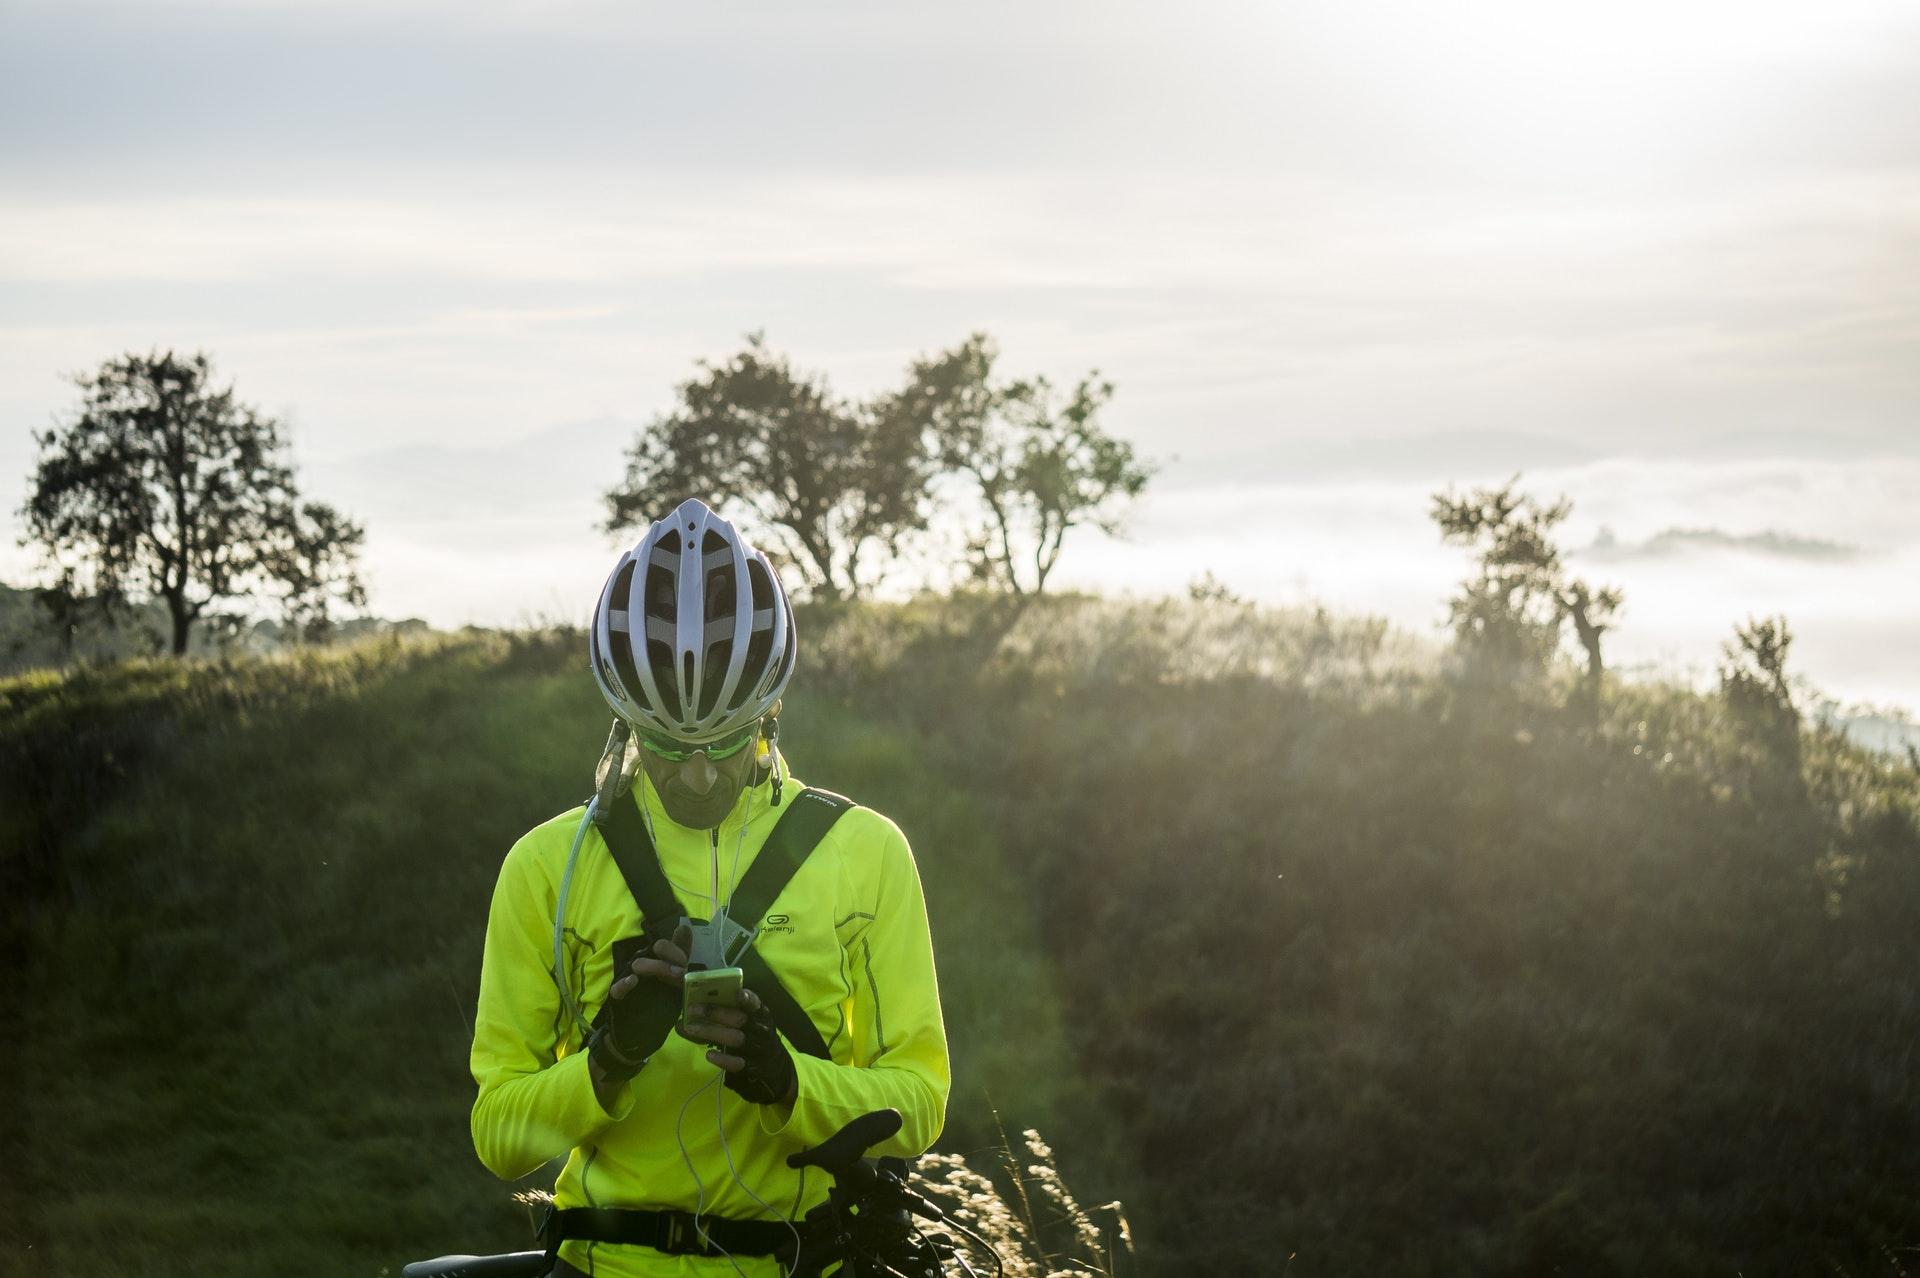 Começar a pedalar: ciclista mexendo no celular